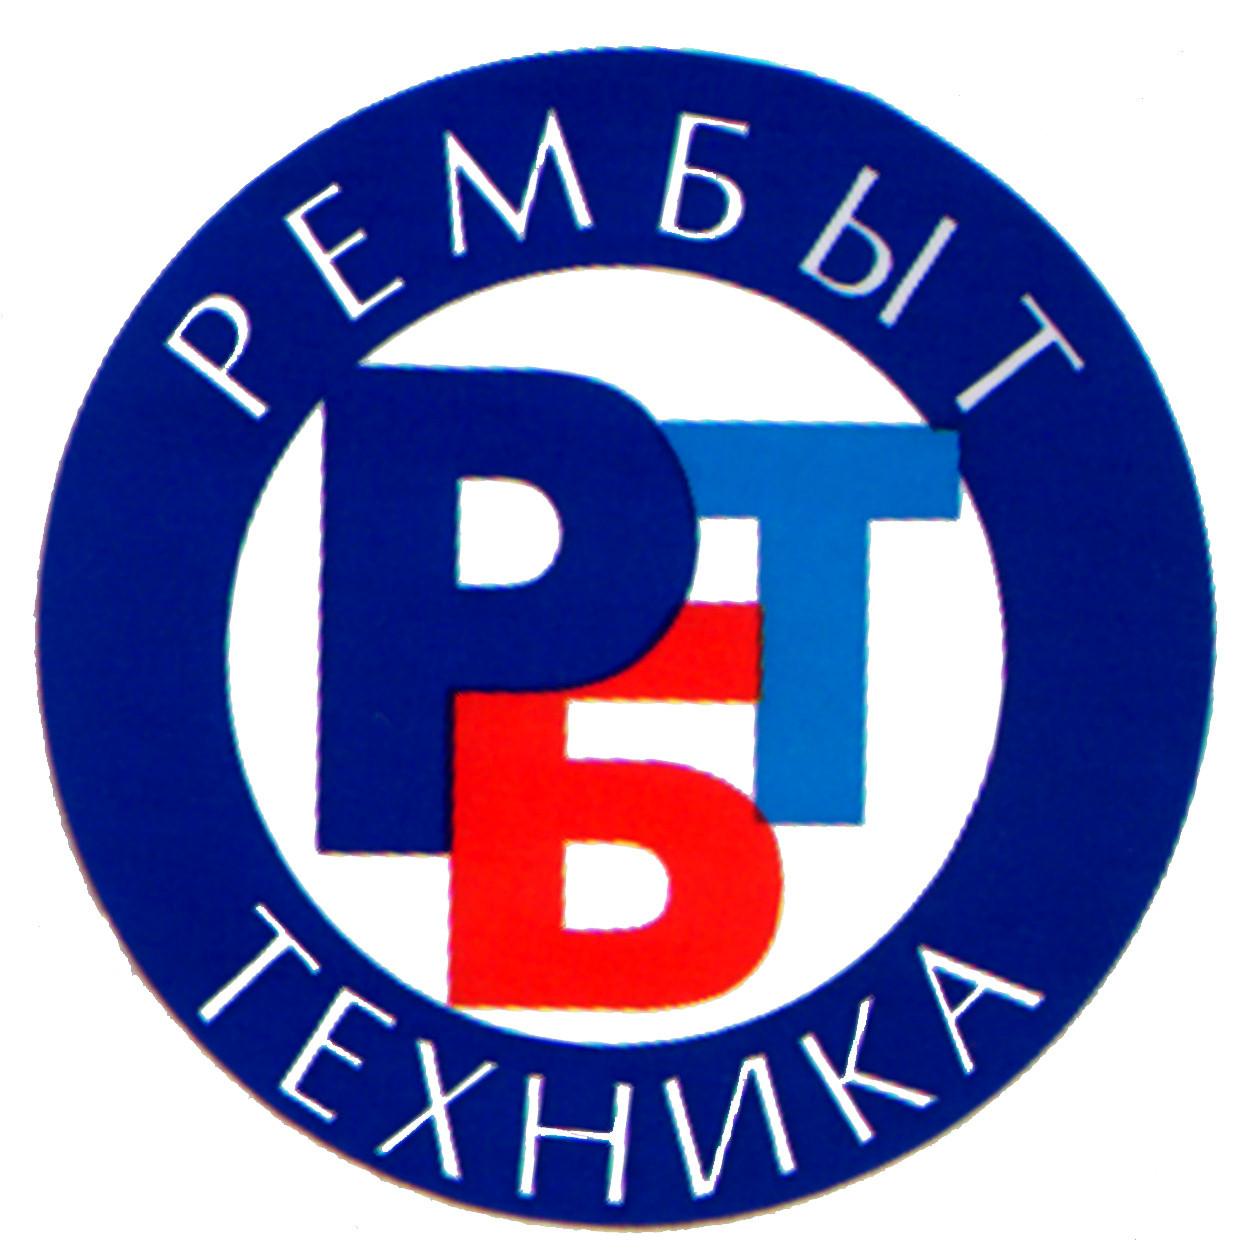 http://media.lpgenerator.ru/images/485836/9781e27a99e7648a8a2c5f22f40b00bc